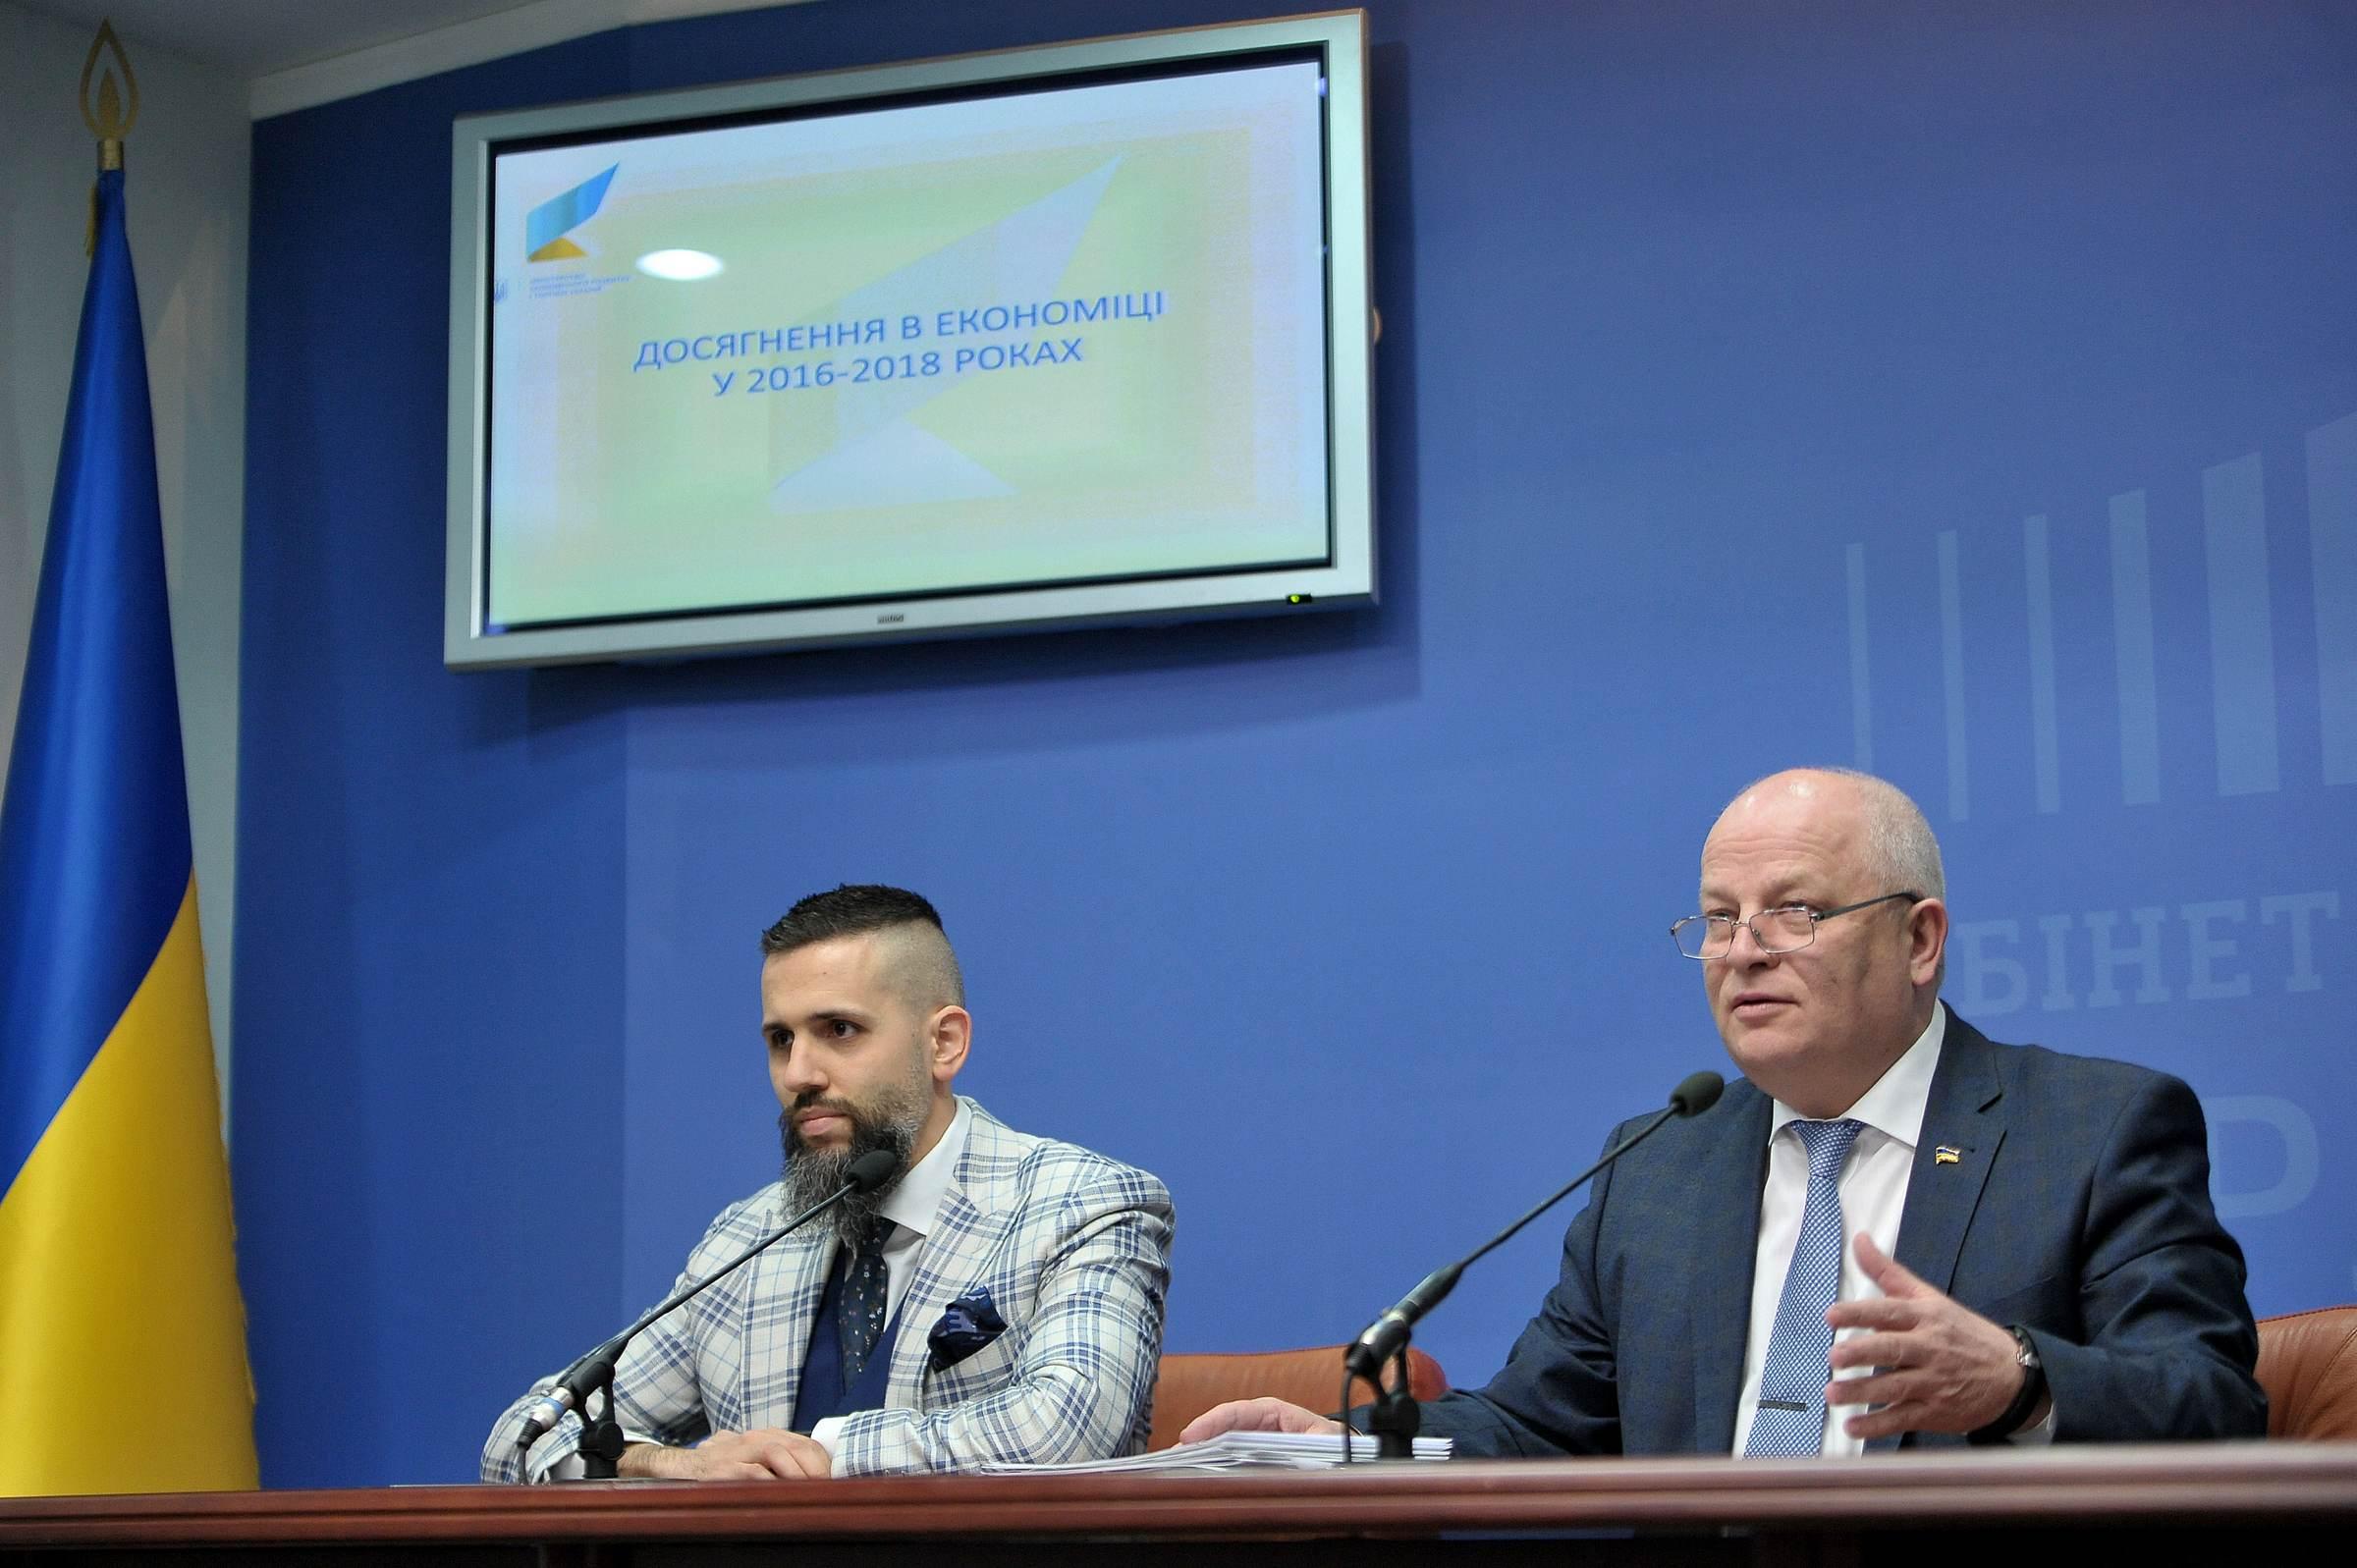 Якщо в 2013 році на ЄС припадало лише 26,5% експорту українських товарів, то в 2018 році частка сягнула 42,6%, - Степан Кубів